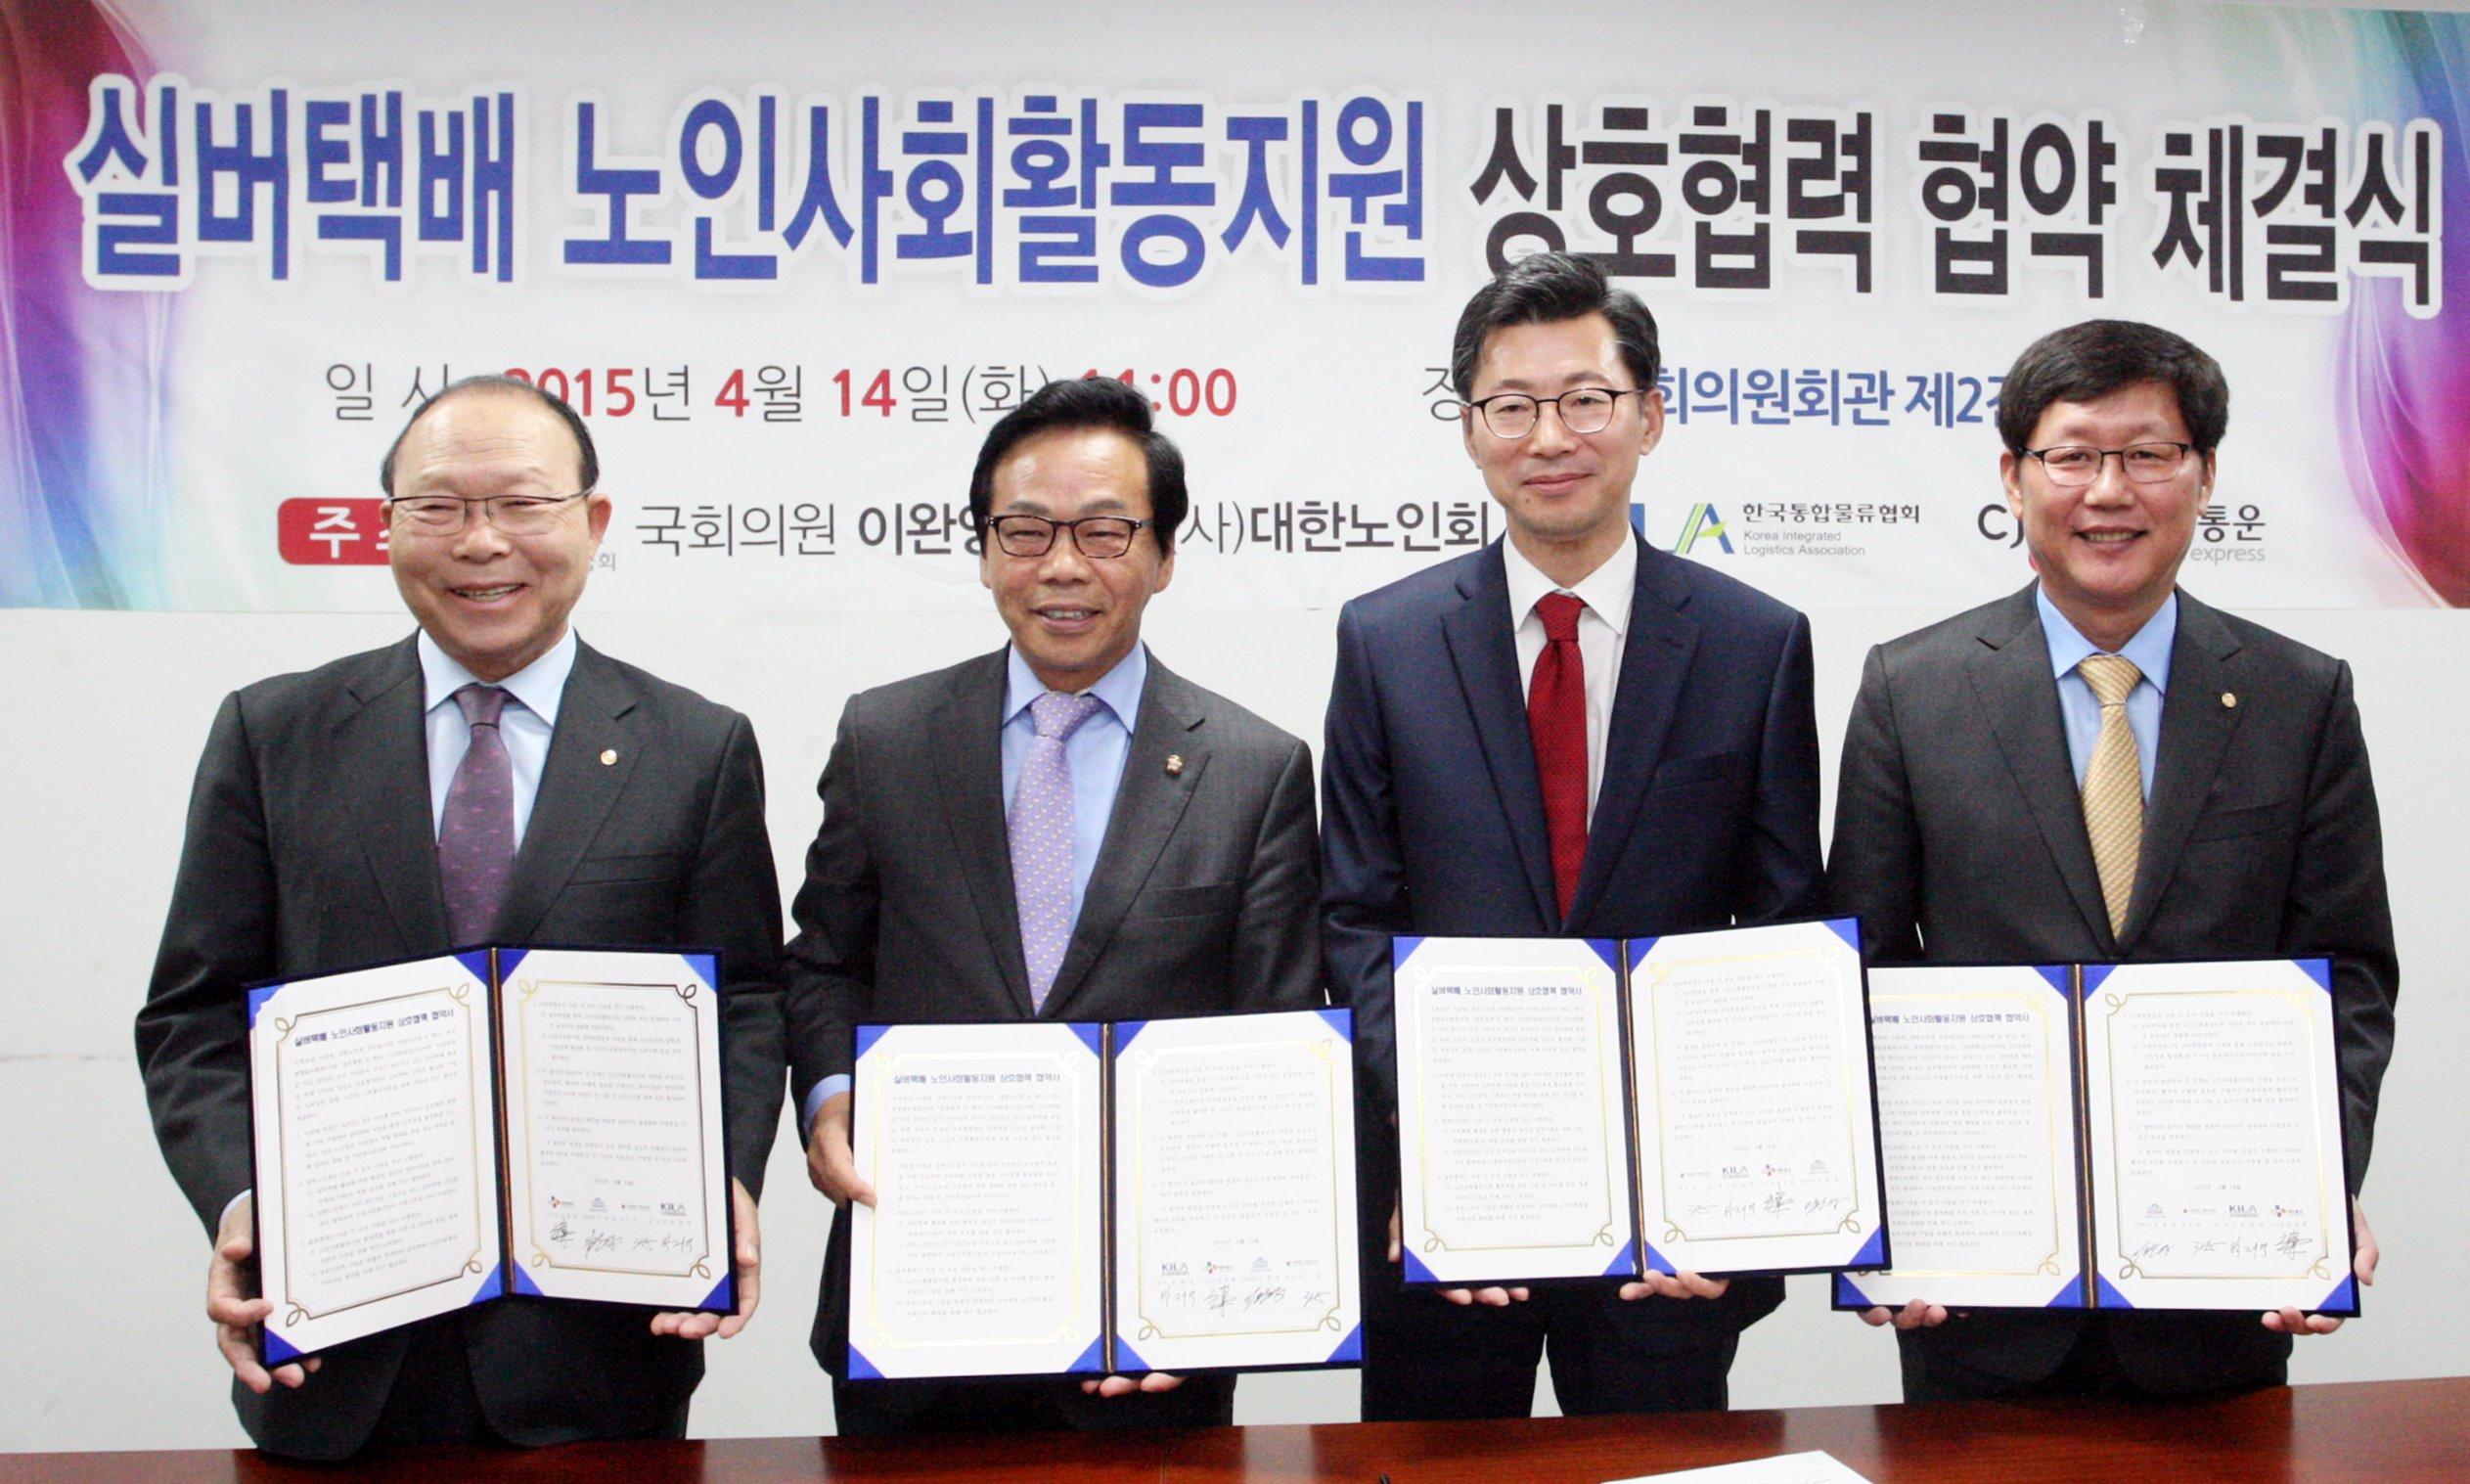 (왼쪽부터)이심 대한노인회장, 이완영 새누리당 국회의원, 신동휘 CJ대한통운 부사장, 박재억 한국통합물류협회 회장ⓒCJ대한통운